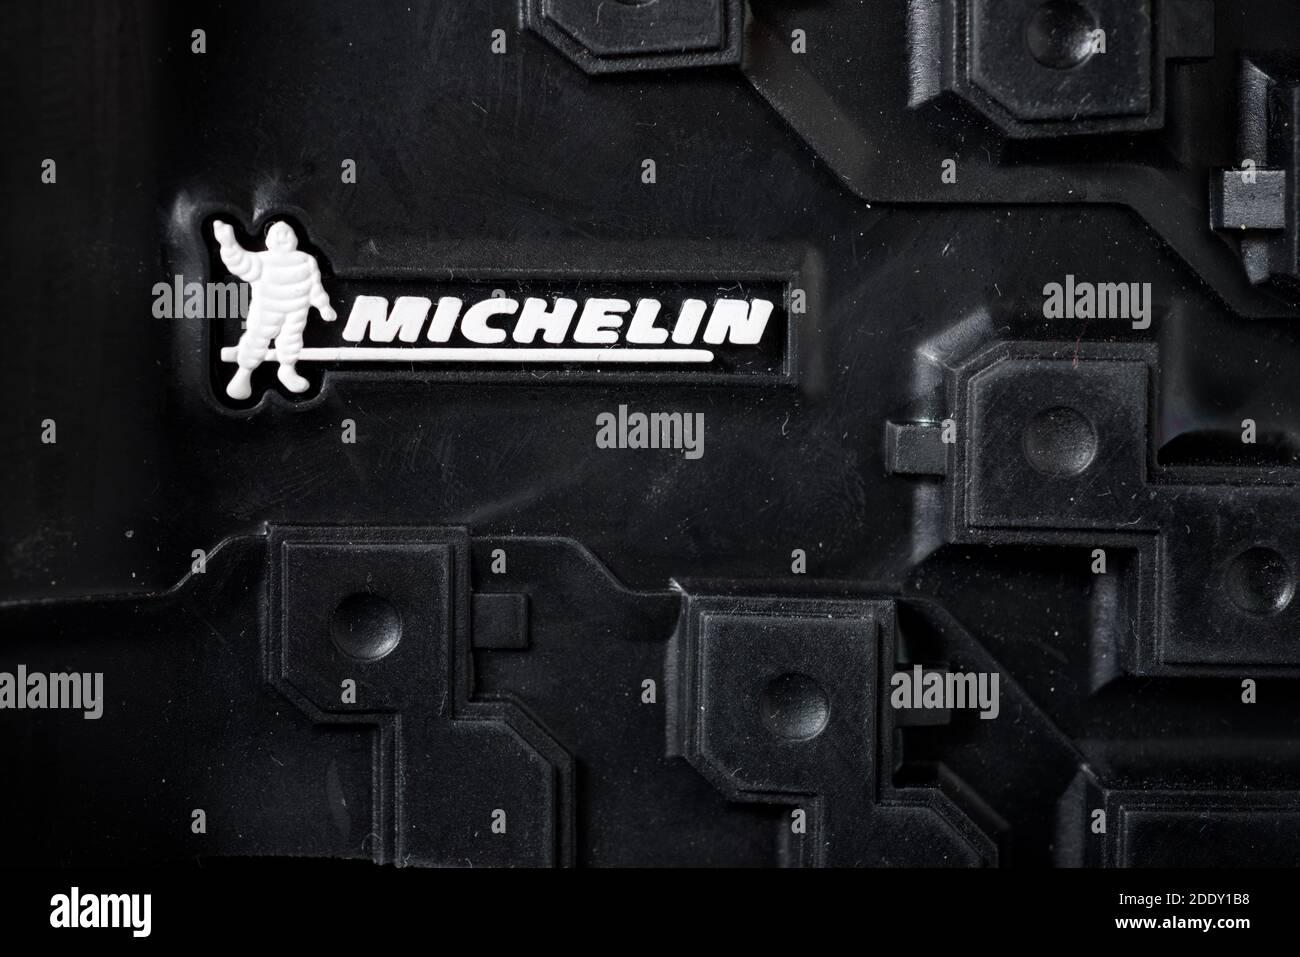 Zaragoza, España - 21 de octubre de 2021: Logotipo de la Marca de neumáticos, conocida como Michelin, en la suela de una bota de montaña. Foto de stock